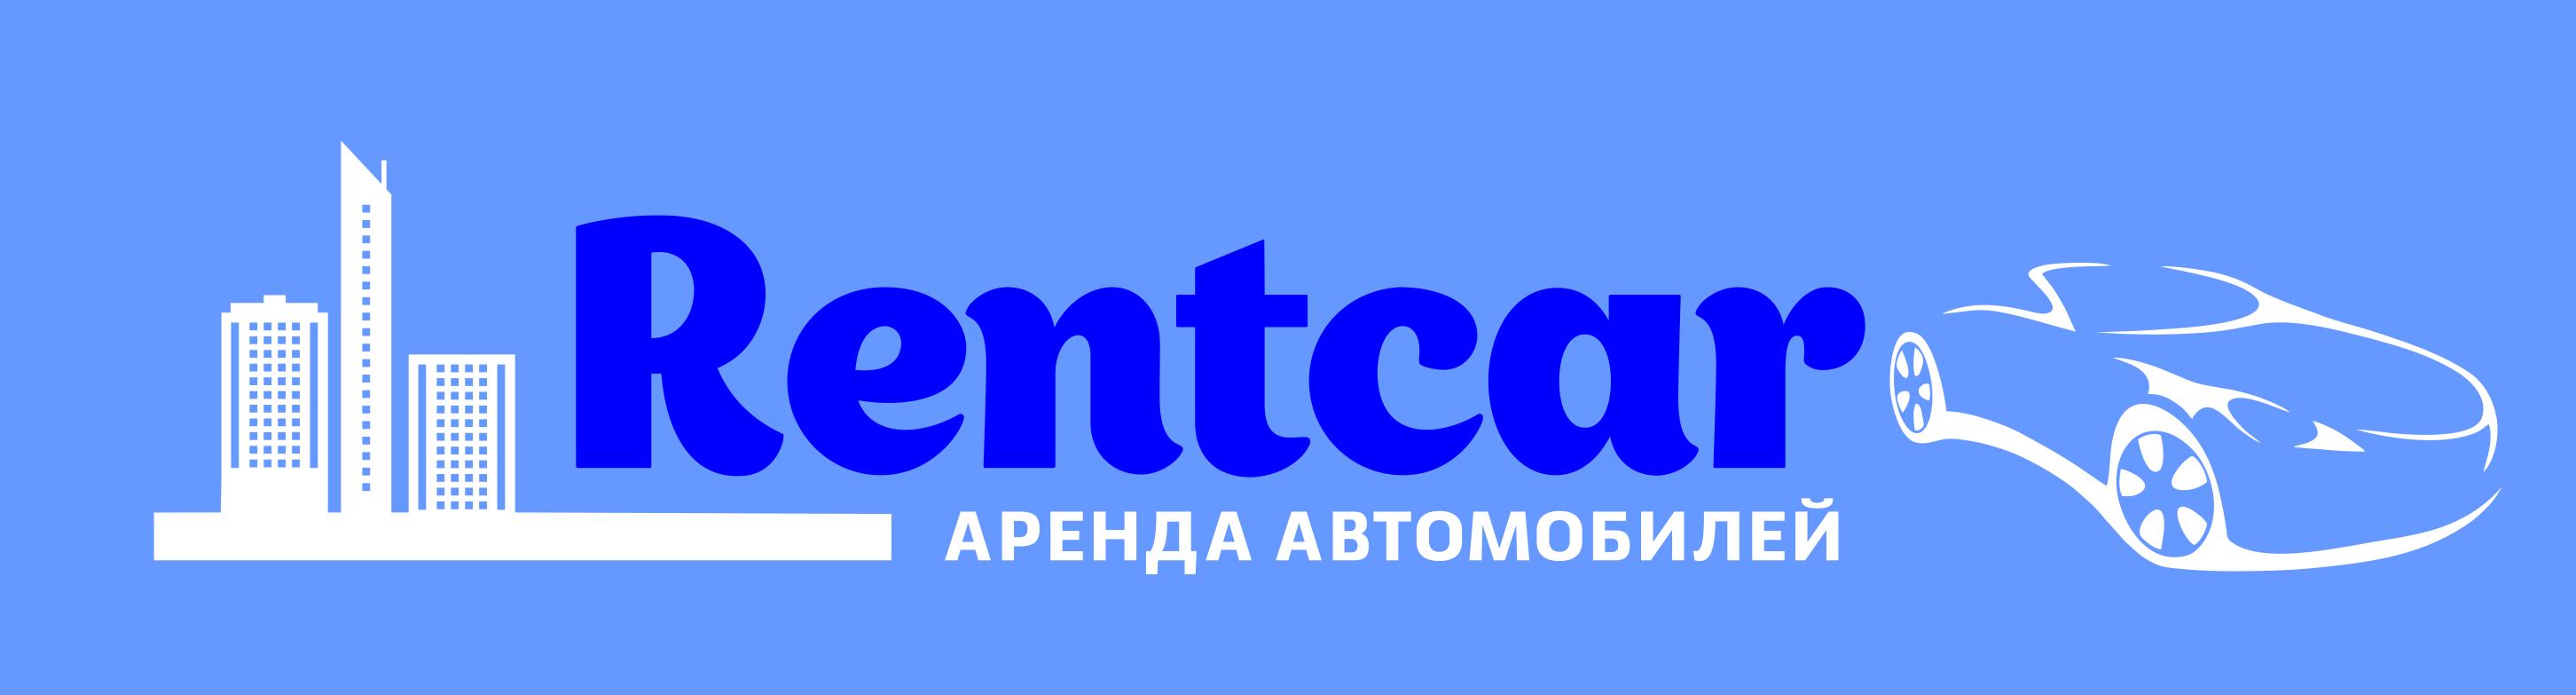 гетт такси новосибирск официальный сайт